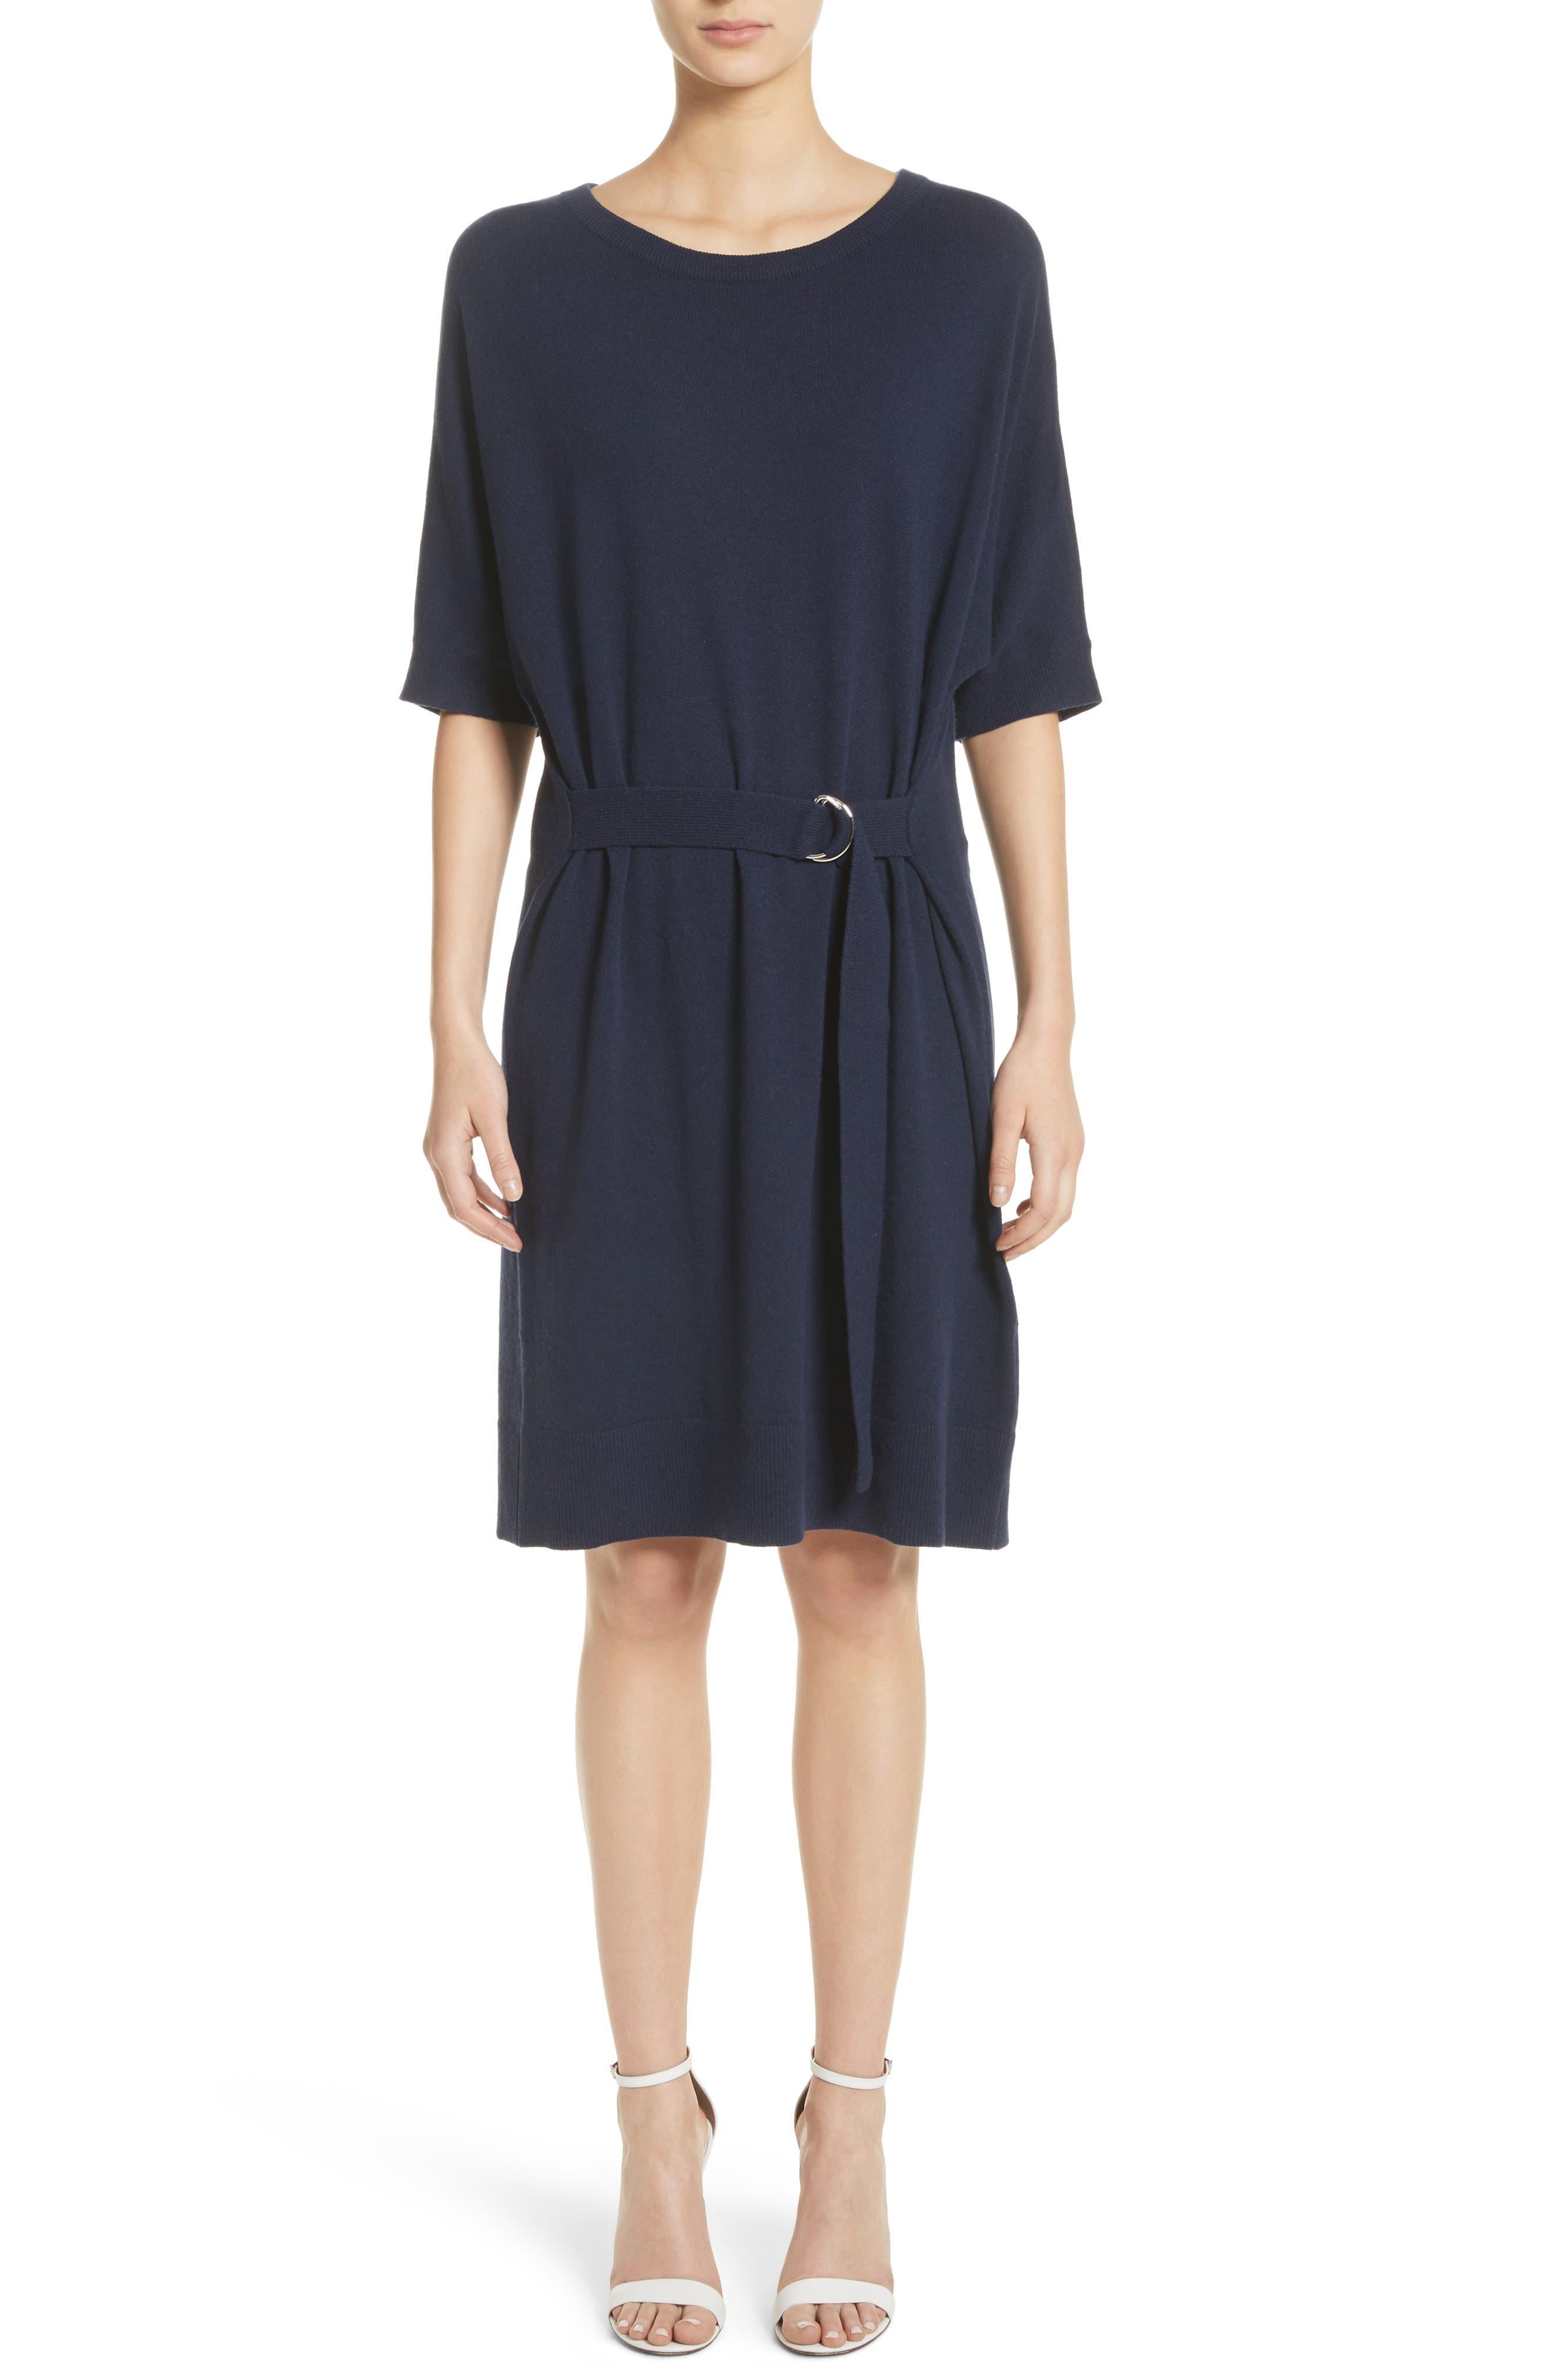 Michael Kors Belted Cashmere Blend Dress